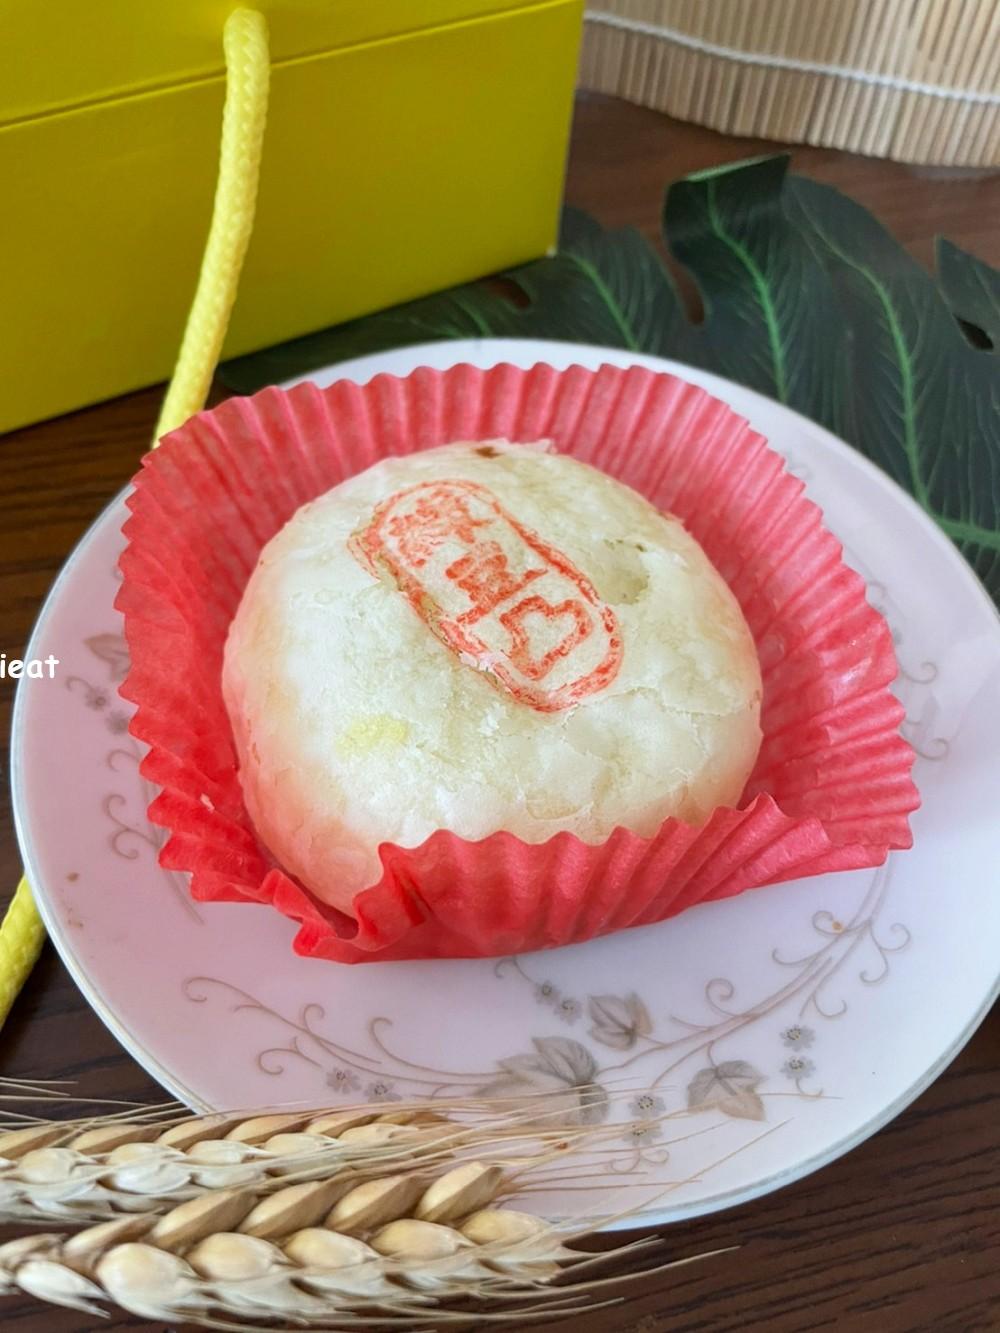 林記糕餅舖 彰化蛋黃酥 彰化伴手禮 蛋黃酥推薦